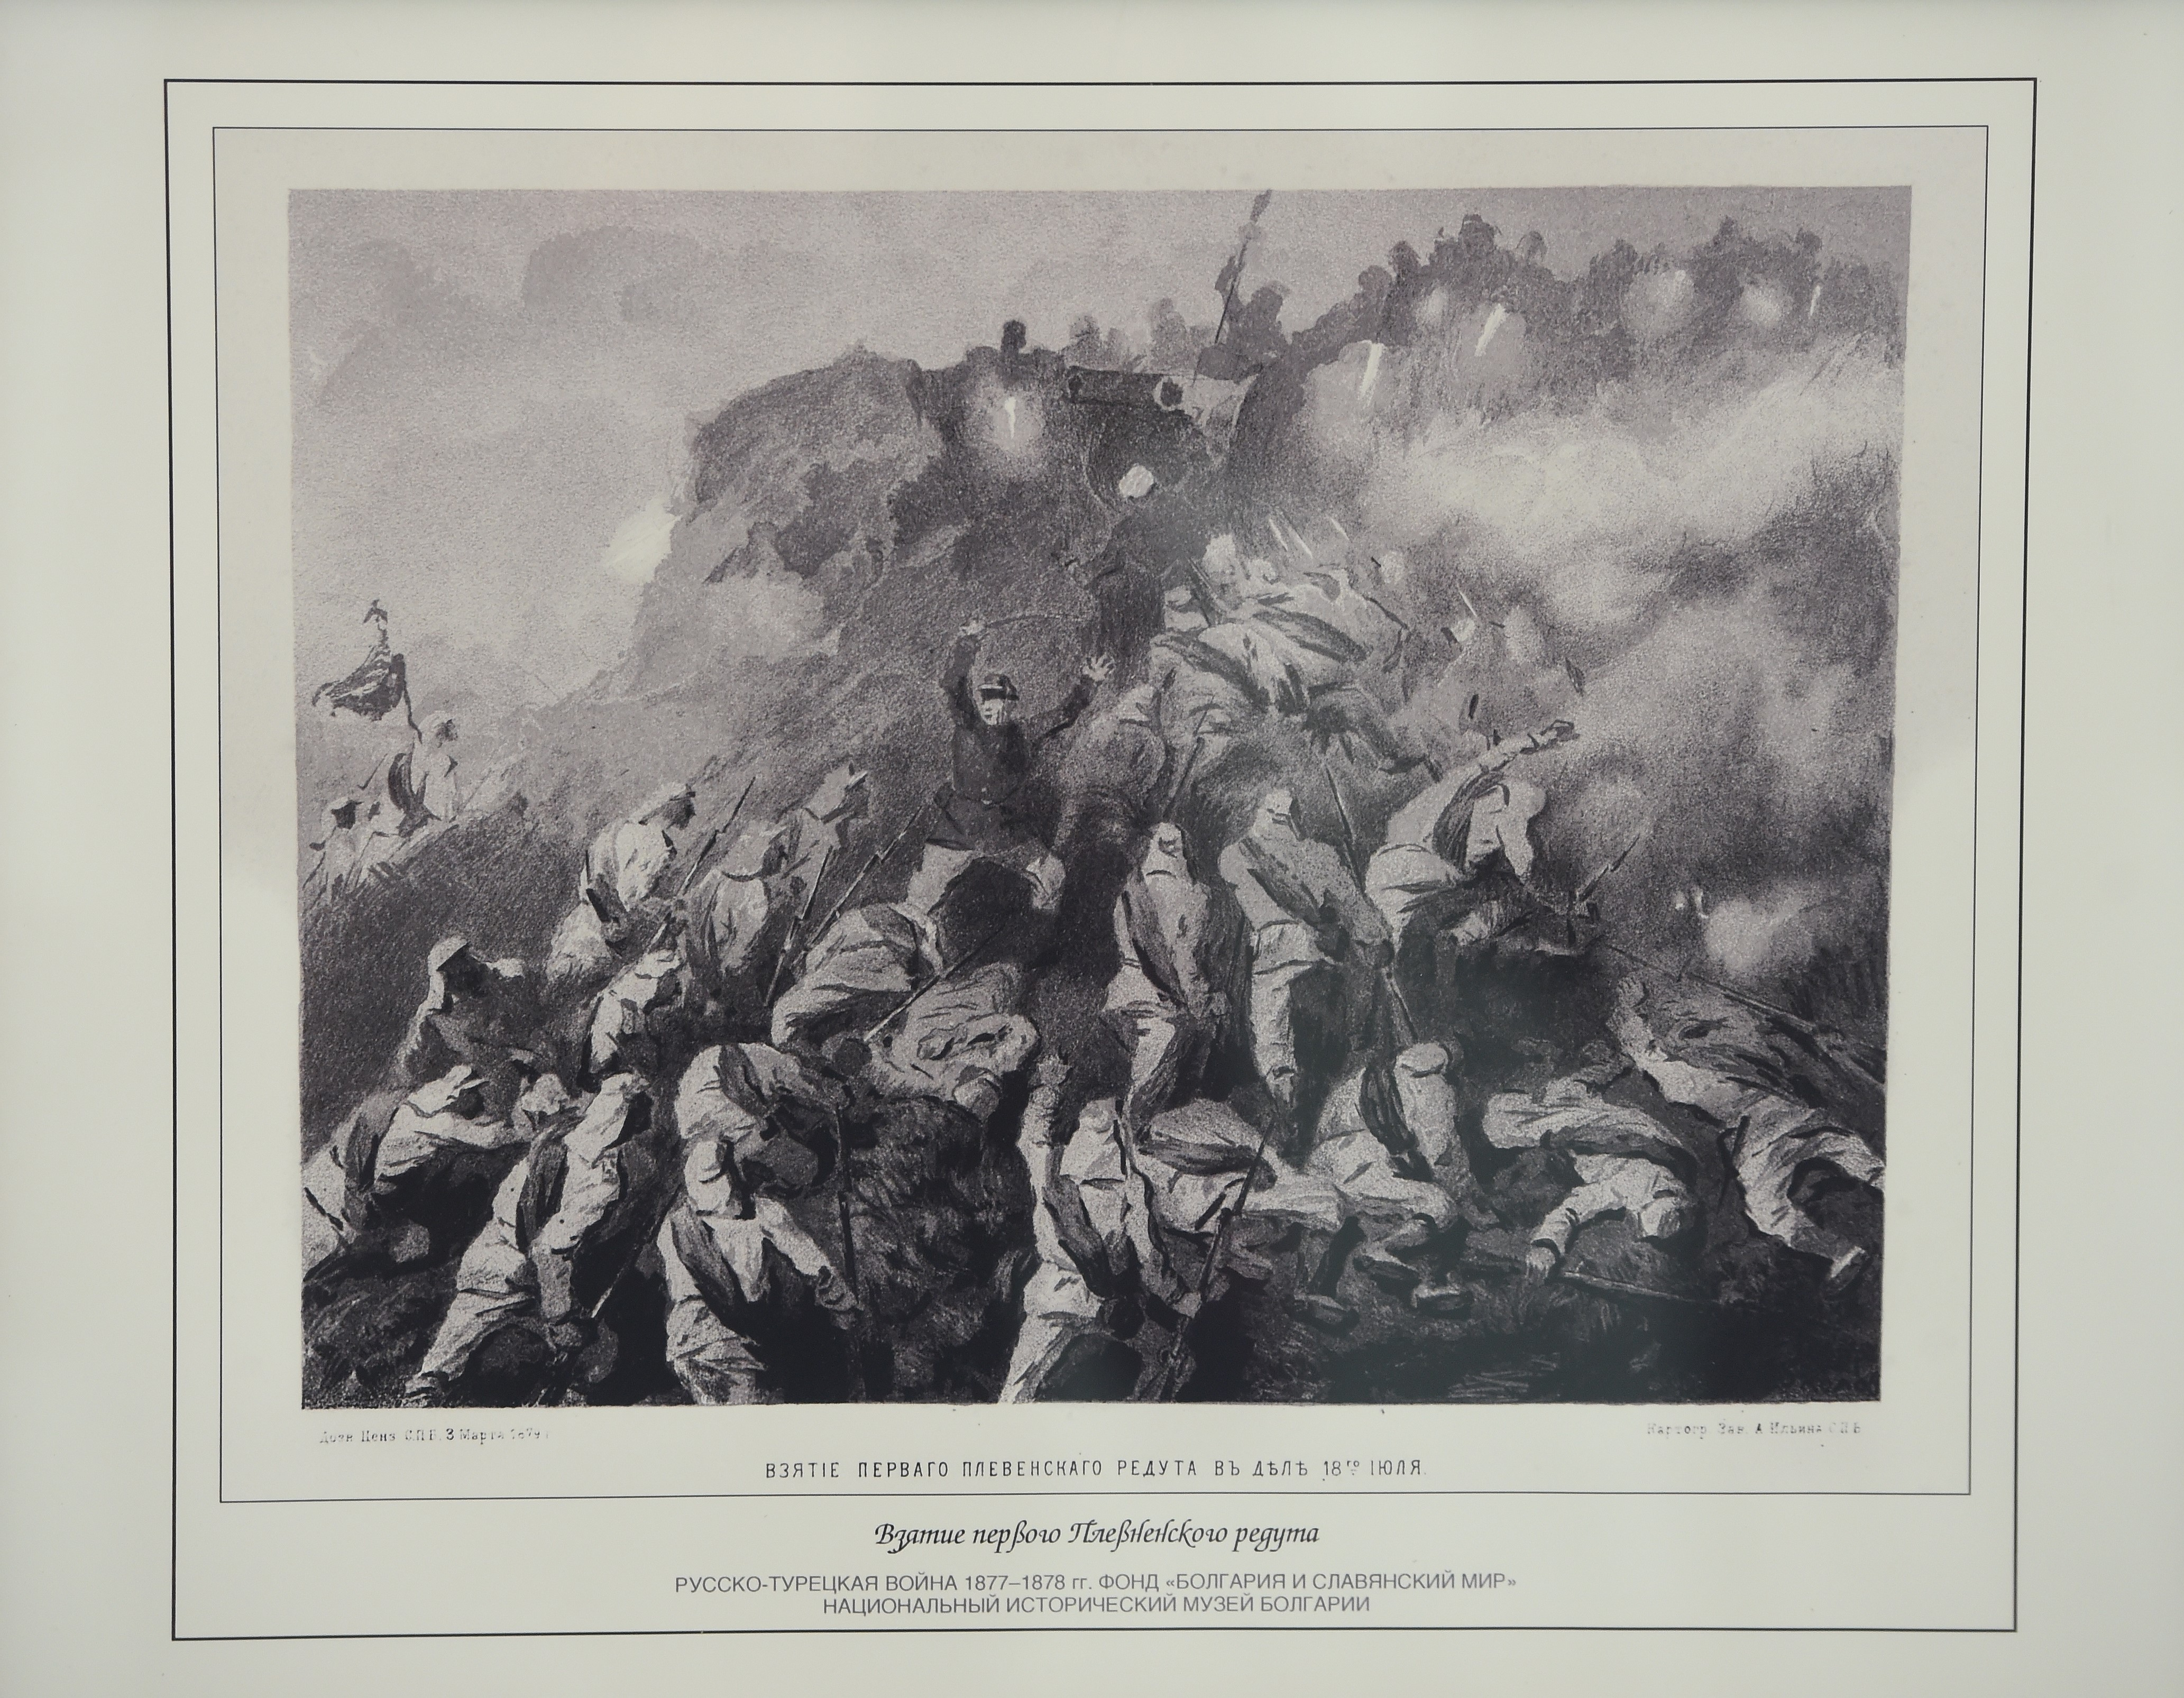 В настоящата изложба са включени гравюри от четири френски издания от края на 19 век. / Битката за Плевен.